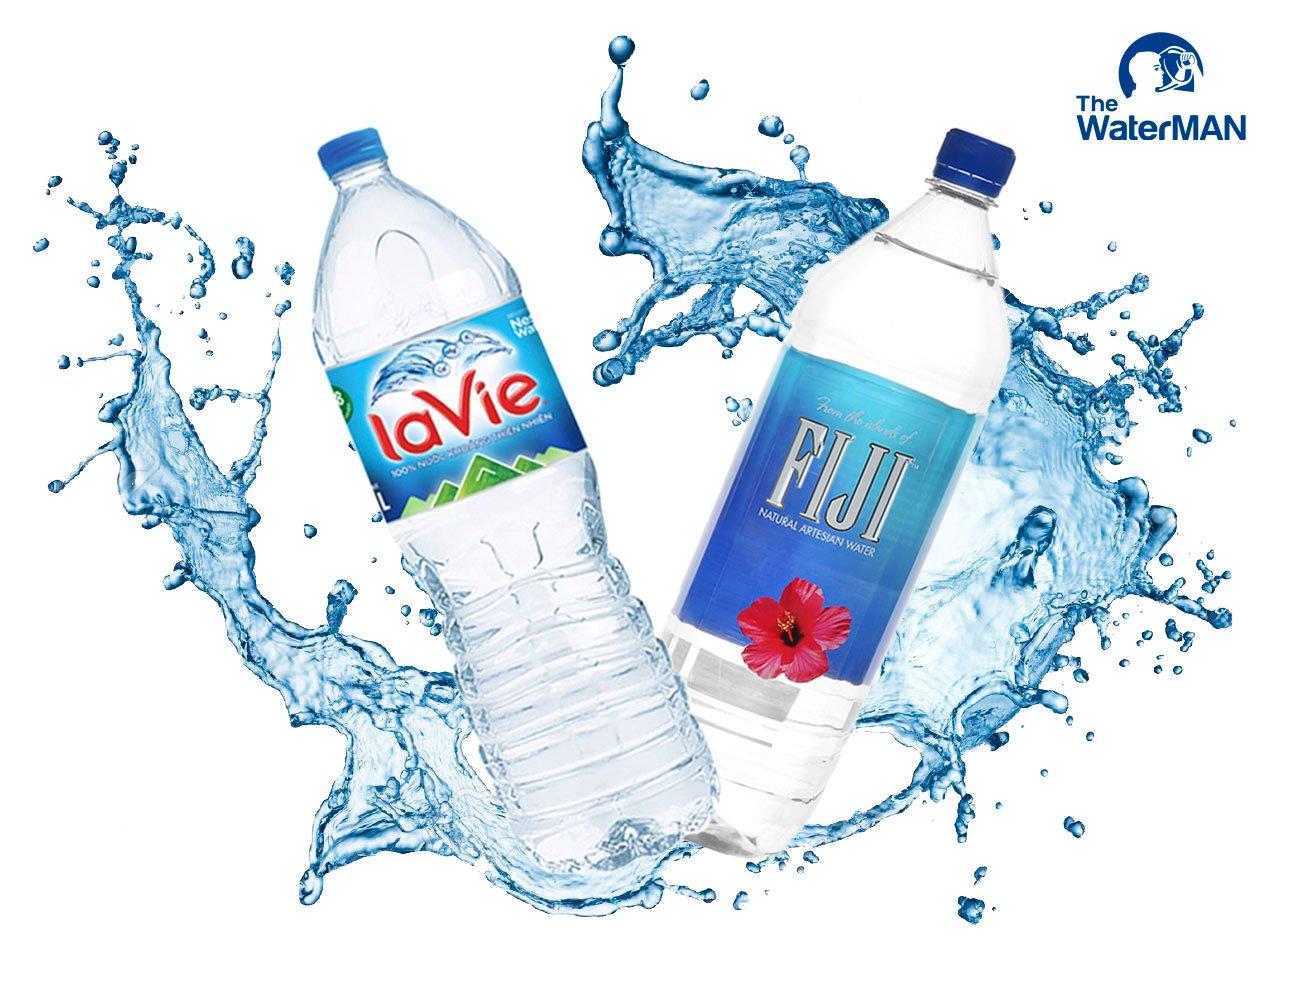 Nước khoáng Lavie và FIJI có gì khác biệt?